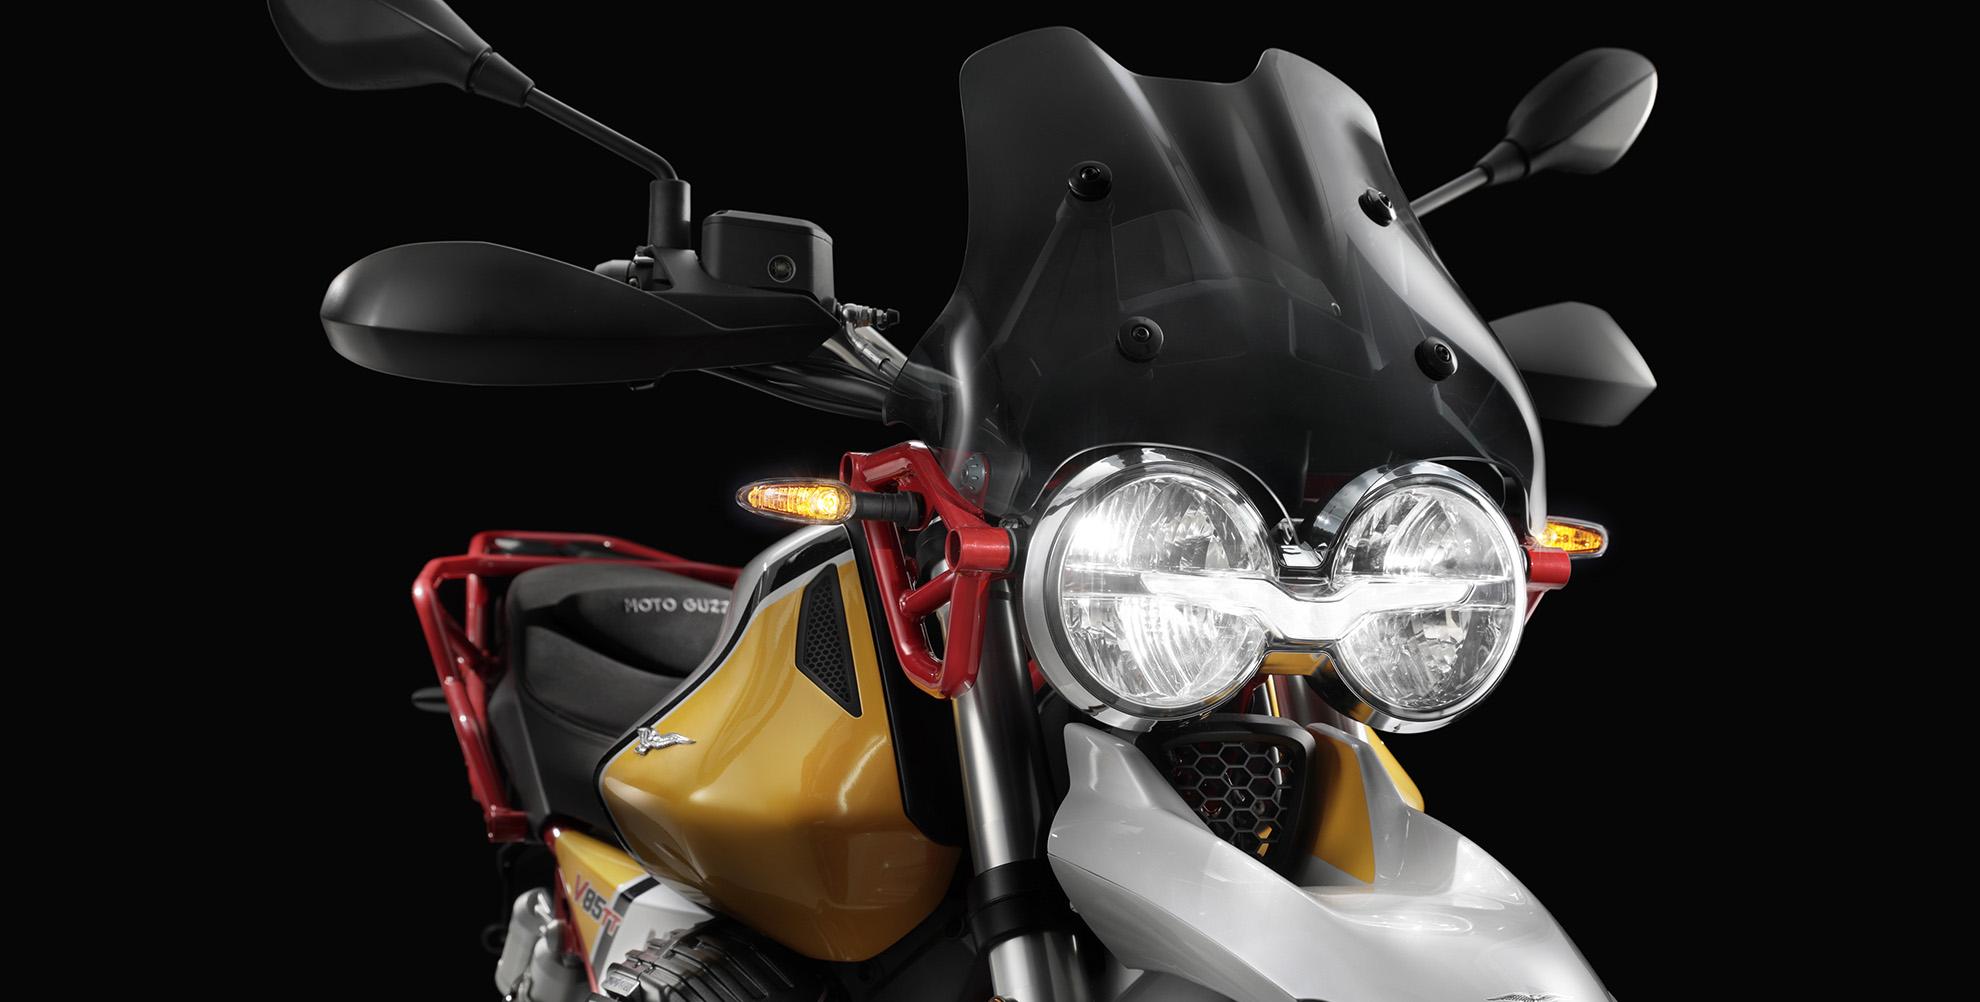 Moto Guzzi V85 TT 09